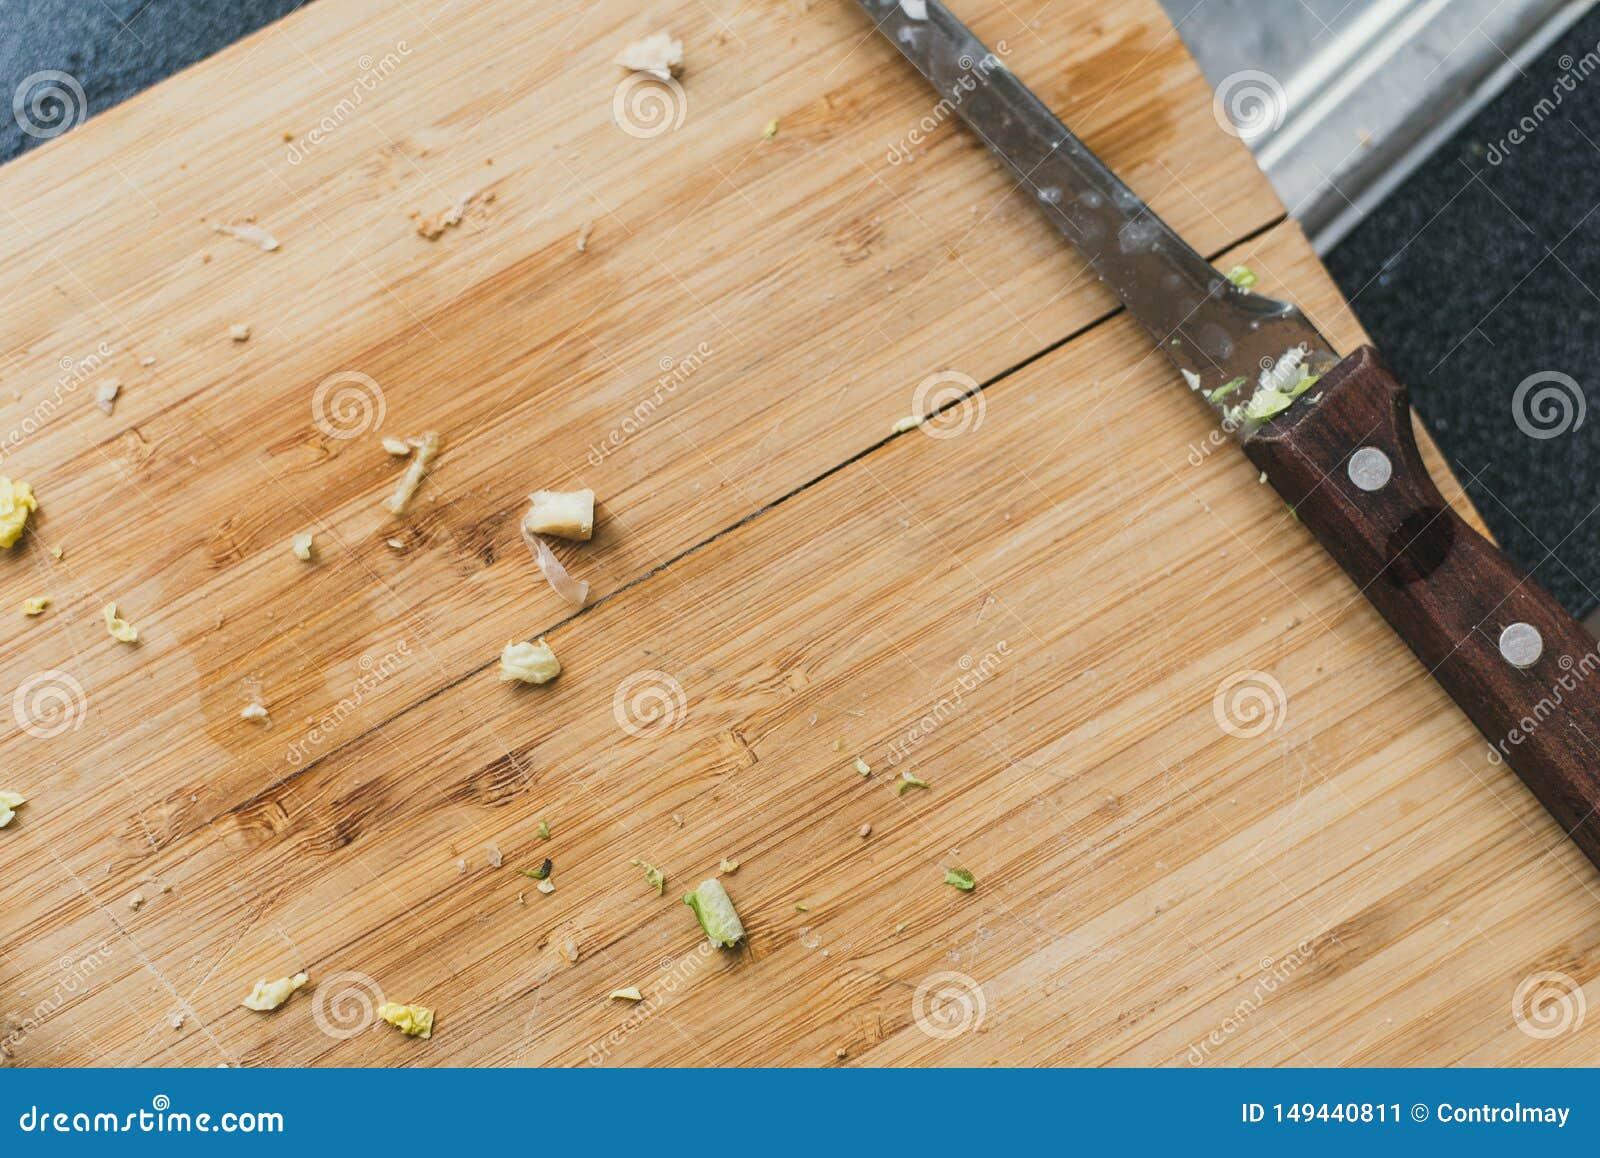 Vuile houten scherpe raad met een mes Uien op een scherpe raad worden gesneden die resten van groen op een houten achtergrond